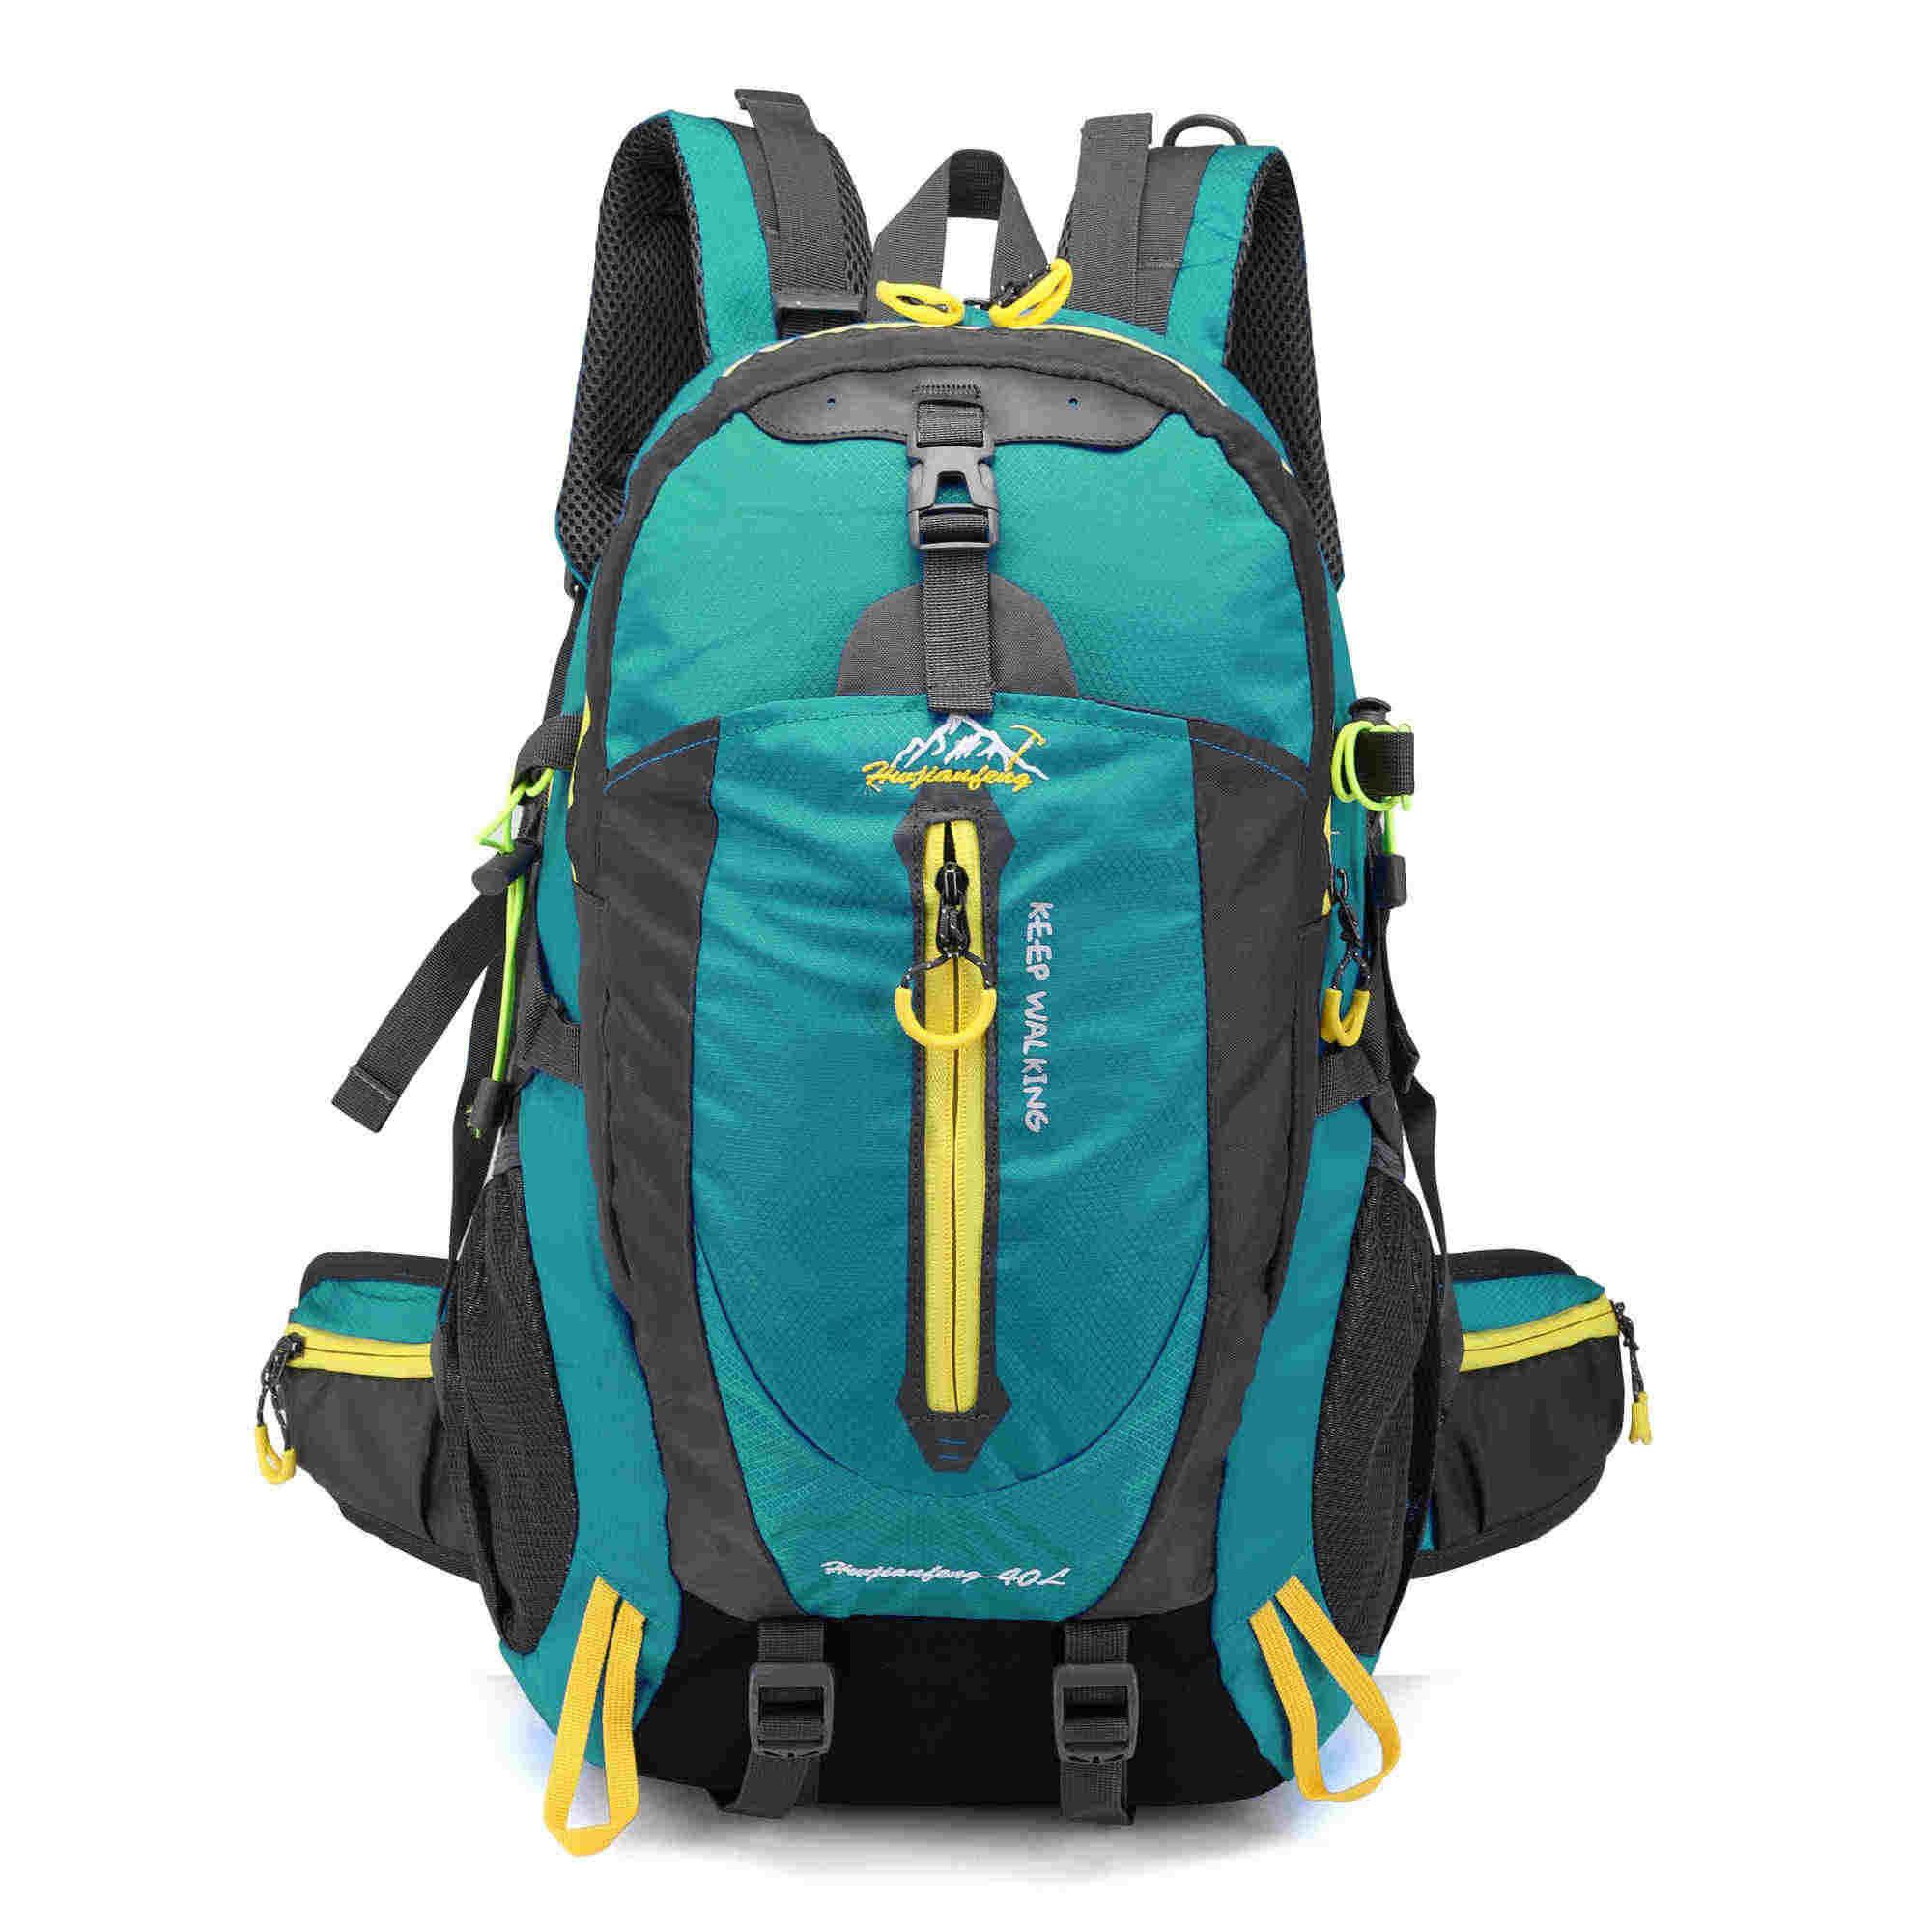 40L กันน้ำปีนเขากระเป๋าเป้สะพายหลังจักรยานกระเป๋าจักรยาน Camping Hike แล็ปท็อป Daypack Rucksack กลางแจ้งผู้ชายผู้หญิงกีฬากระเป๋า